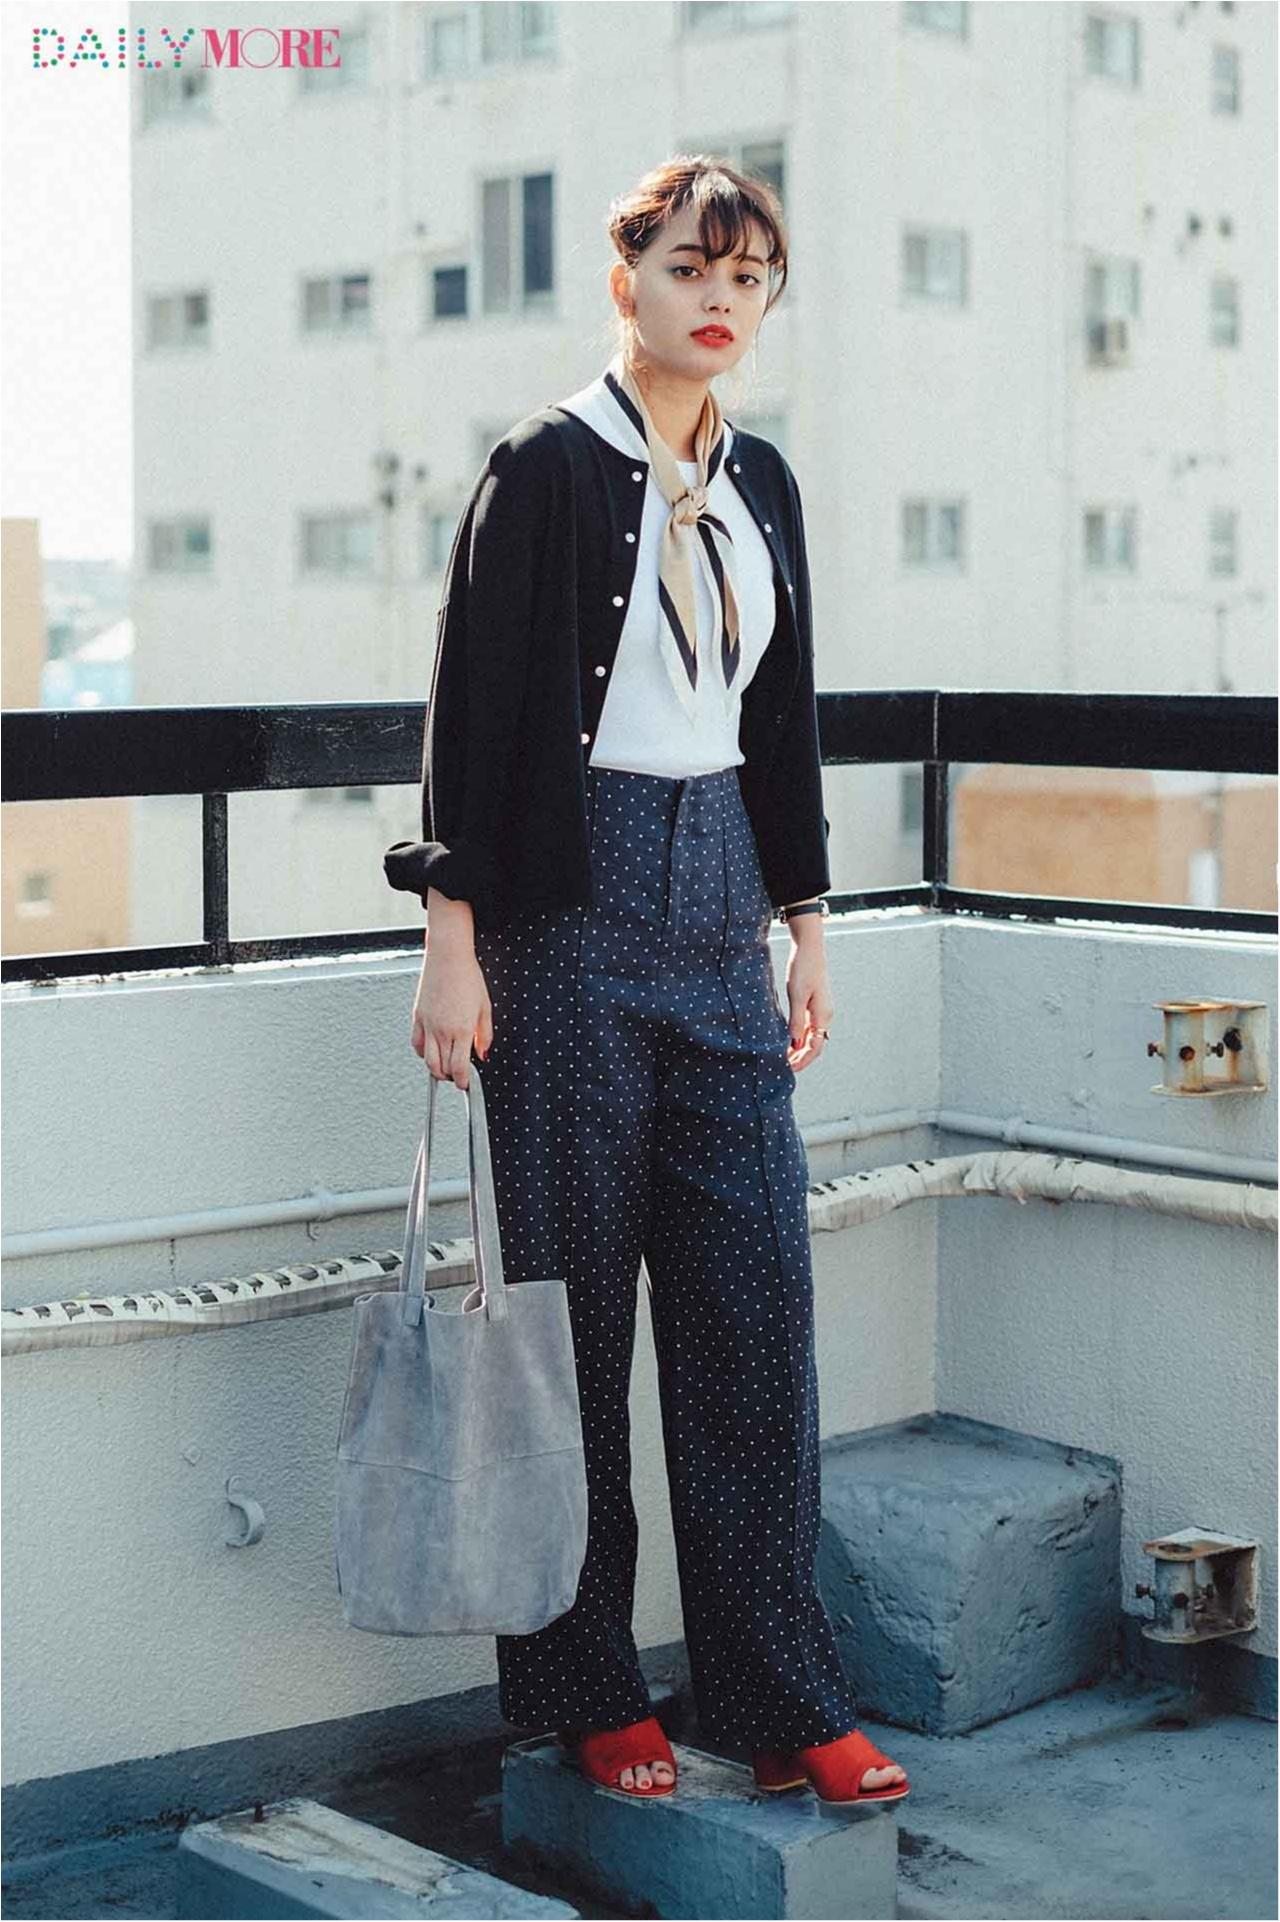 【今日のコーデ/岸本セシル】今年の白Tどう着る?スカーフやカーデでフレンチムードに仕上げちゃう♡_1